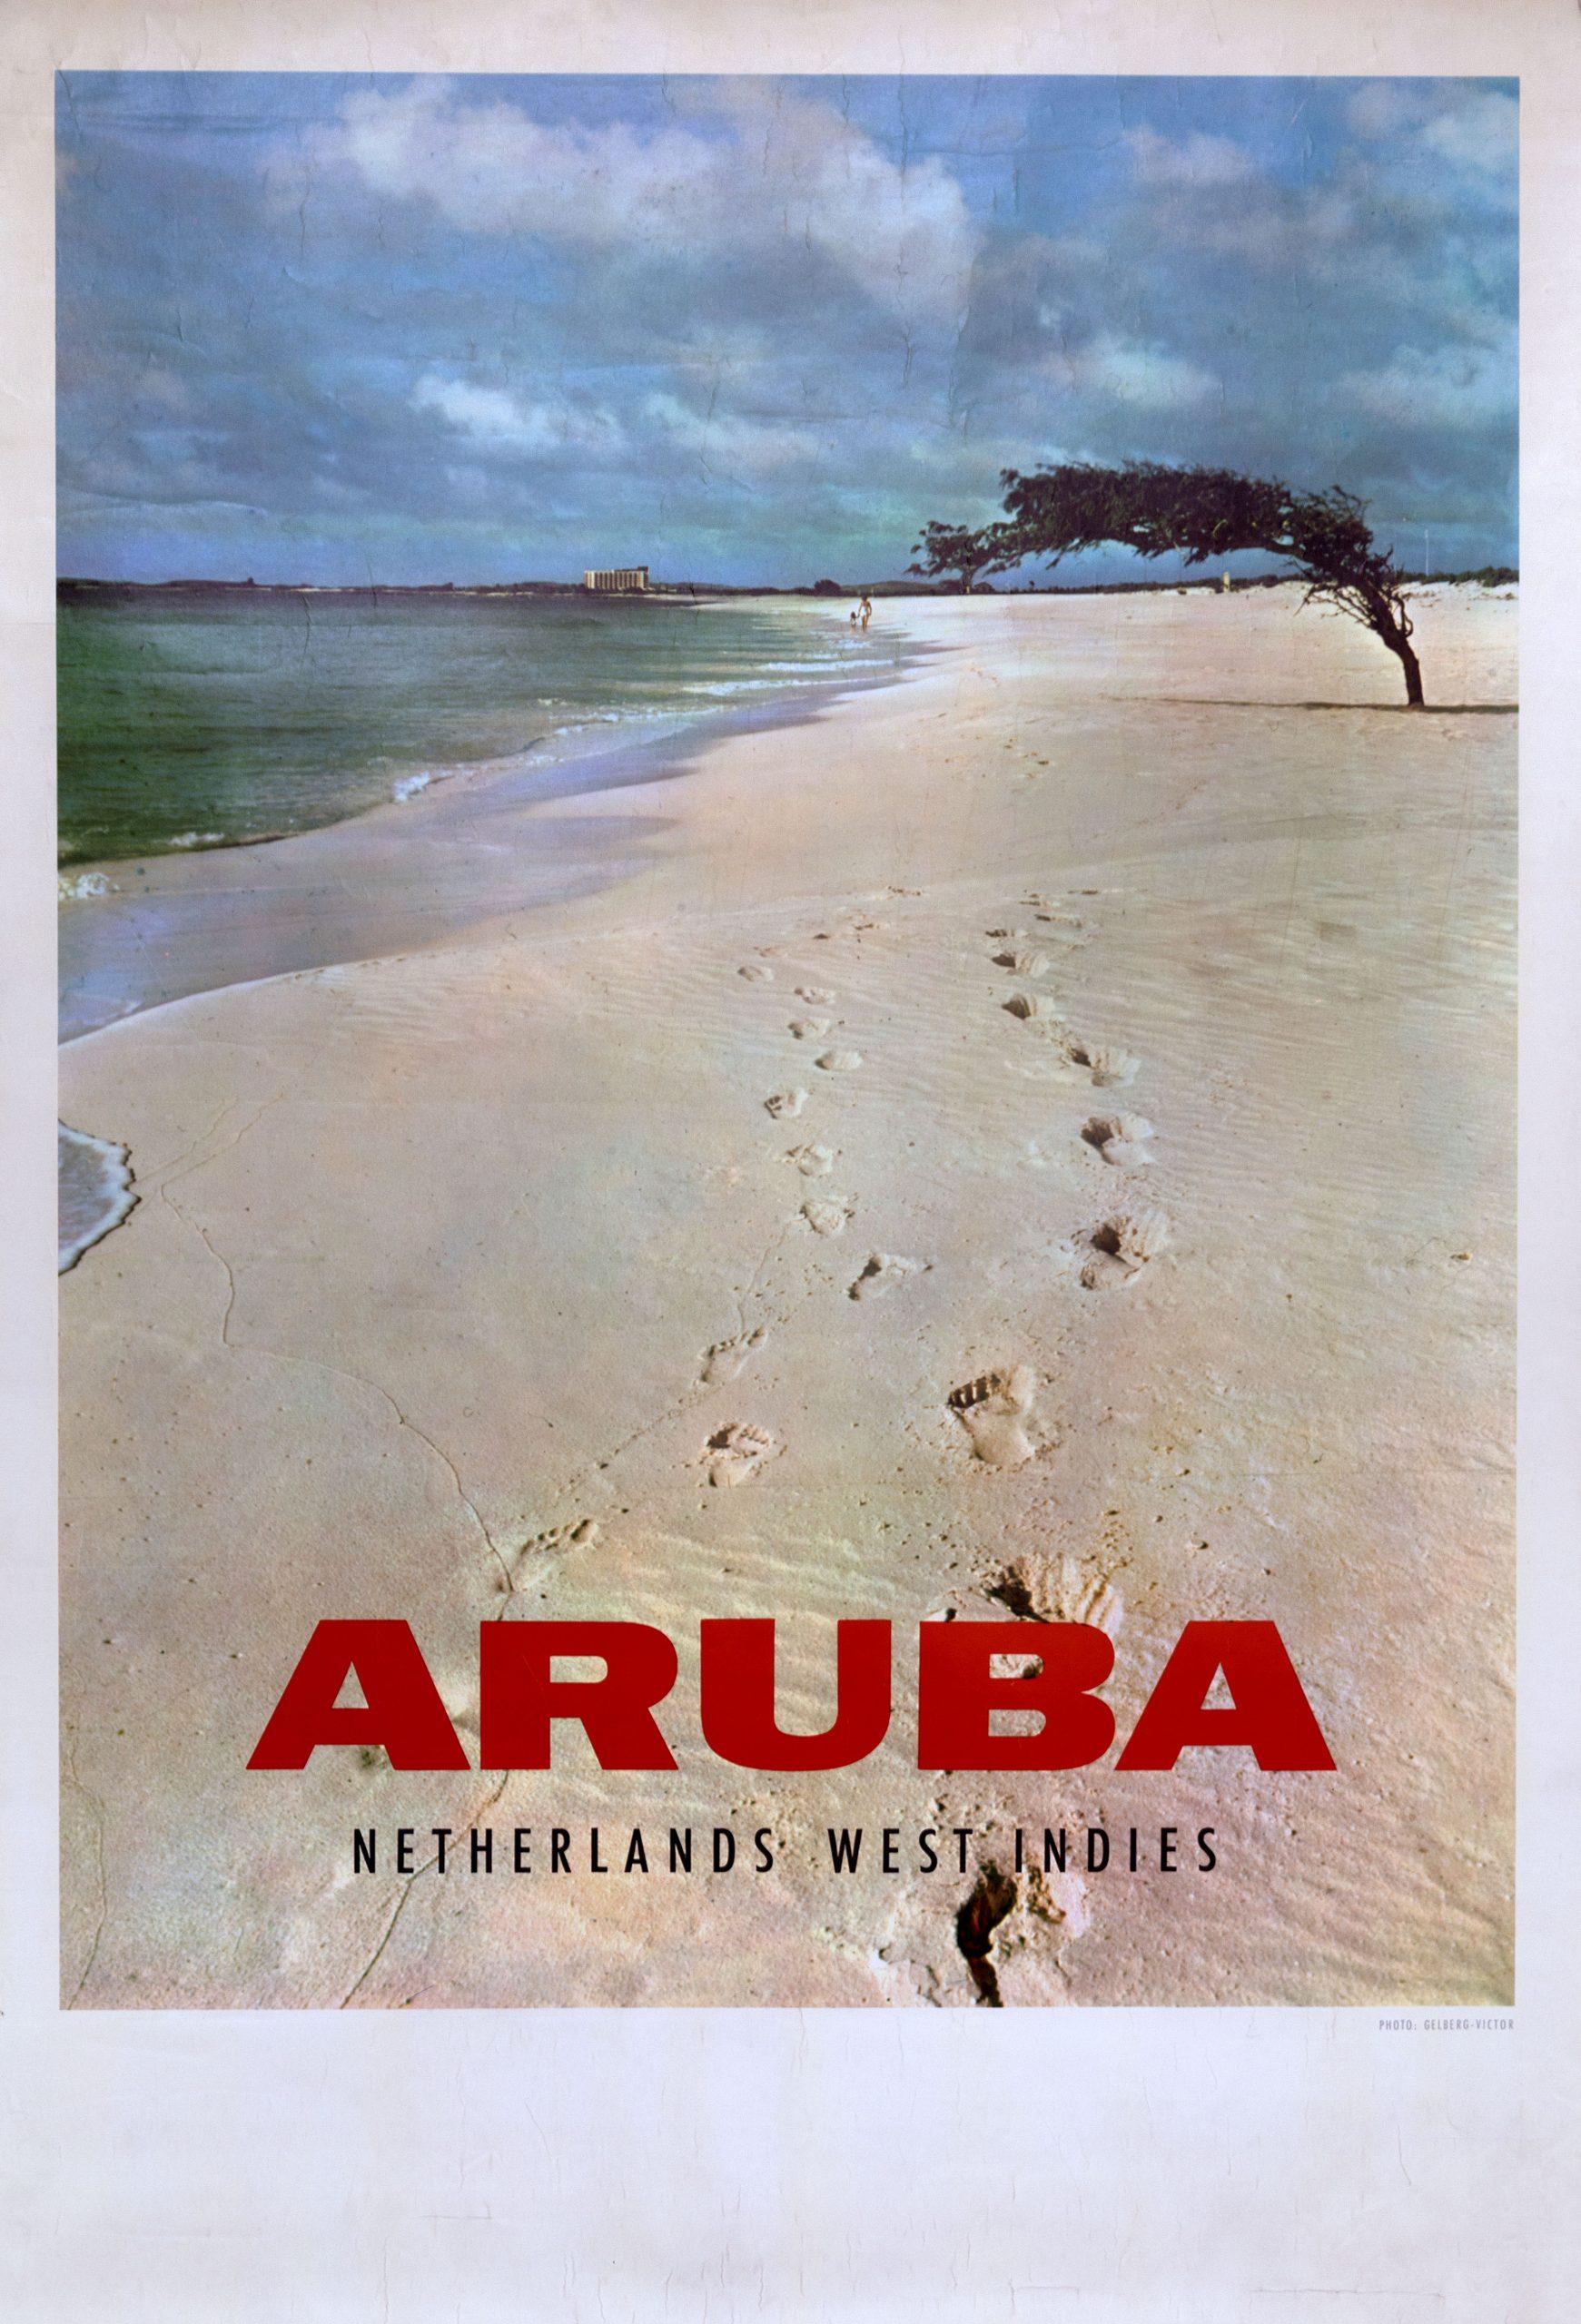 Aruba Netherlands West Indies poster